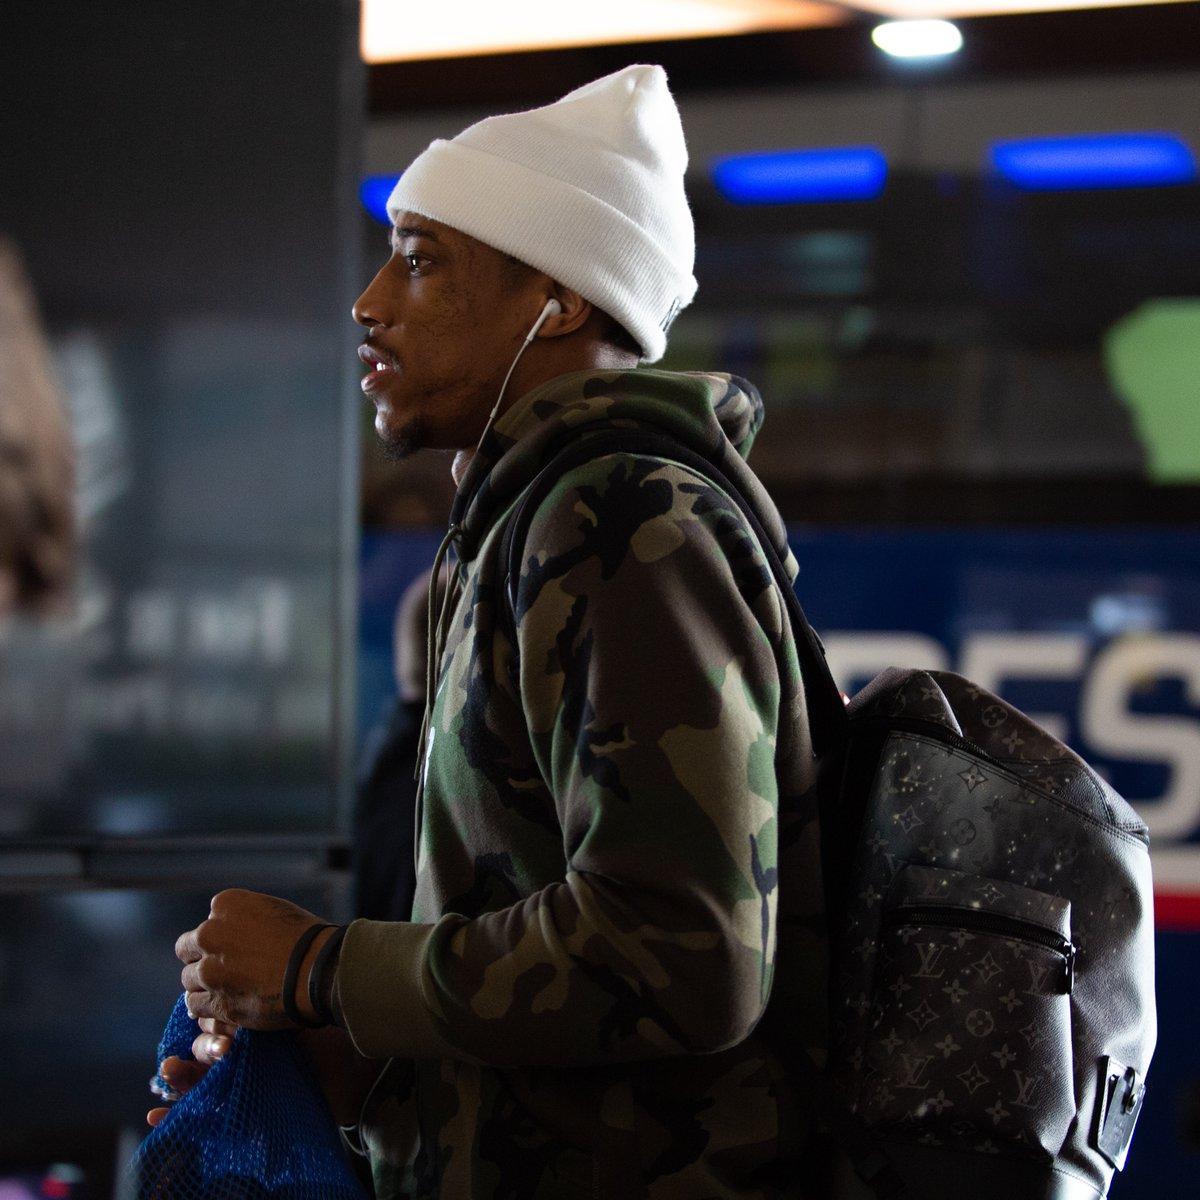 开启季后赛之旅!马刺众将抵达丹佛 NBA新闻 第1张